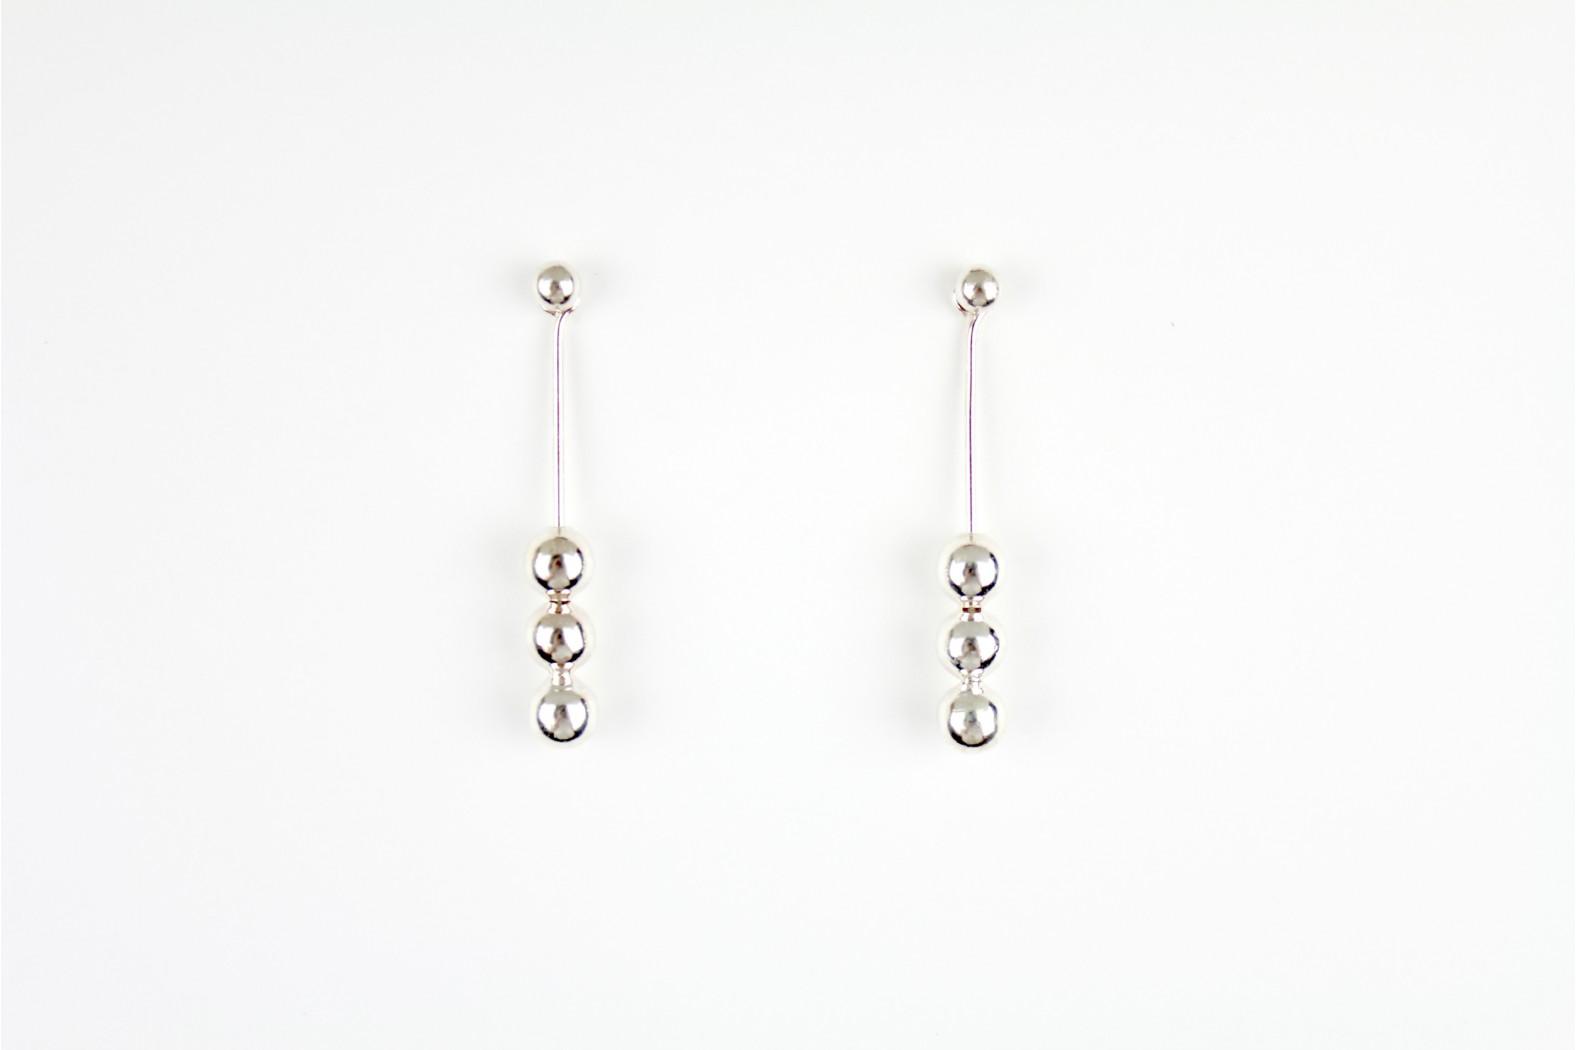 Long Drop Stud Triple ball silver earrings